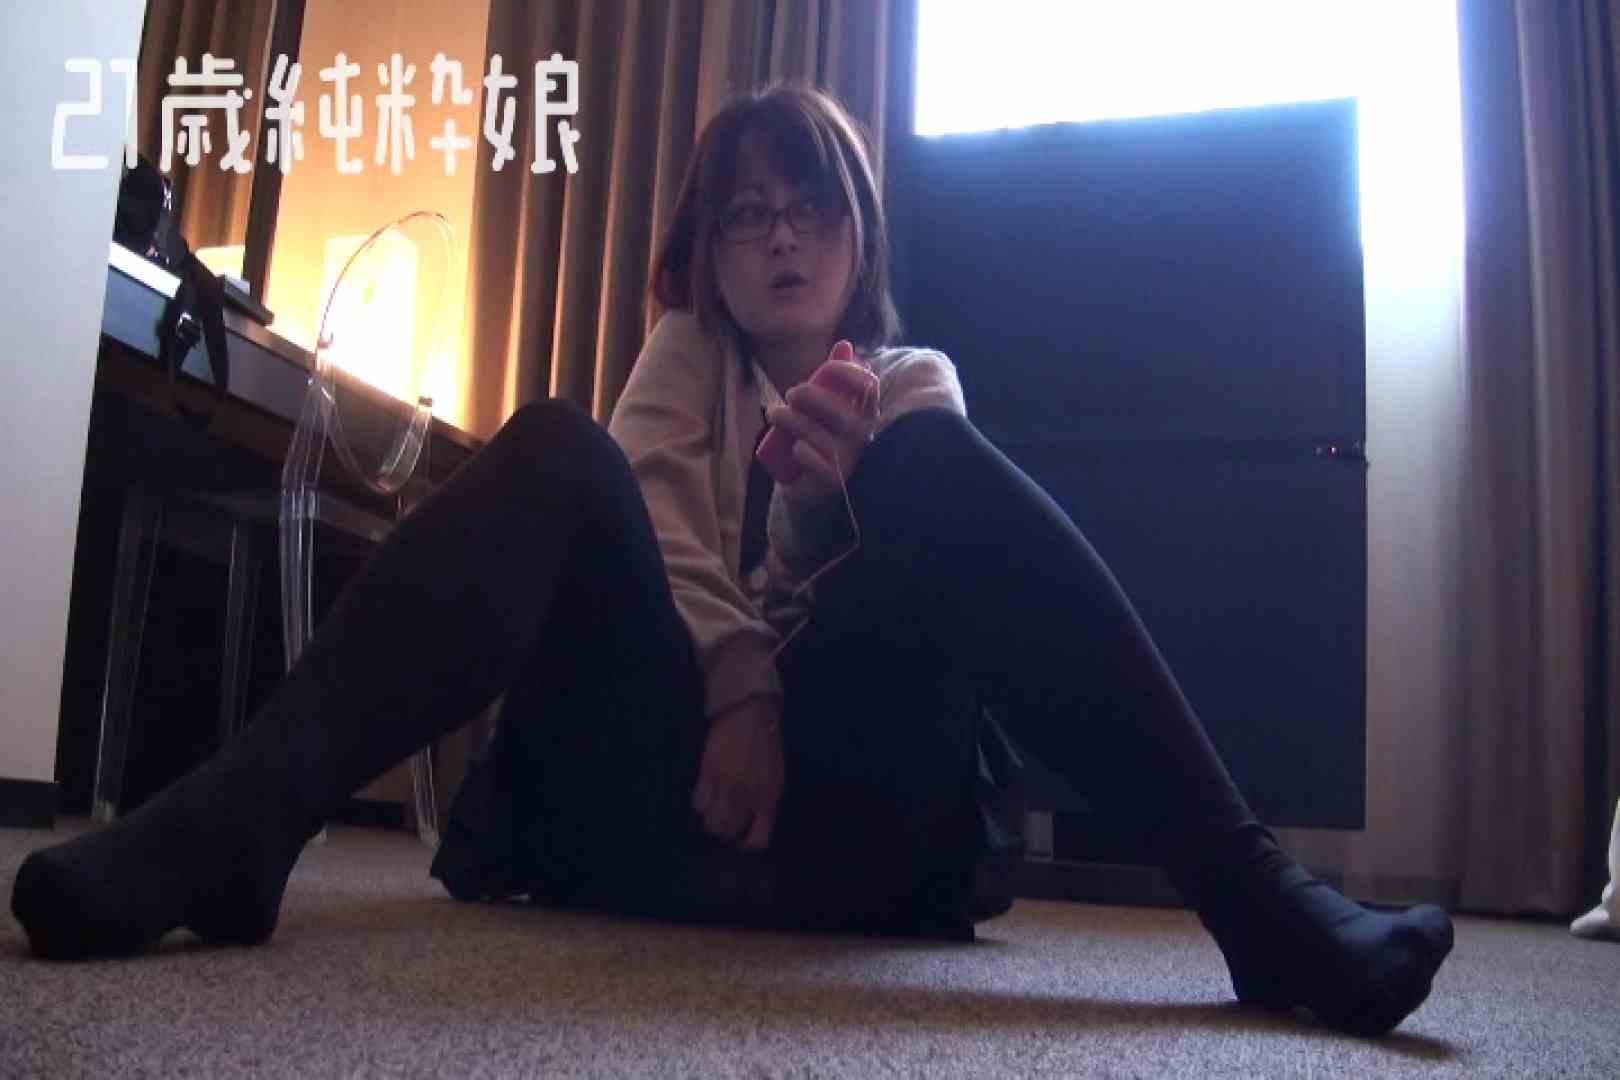 Gカップ21歳純粋嬢第2弾Vol.3 学校潜入  53PIX 6